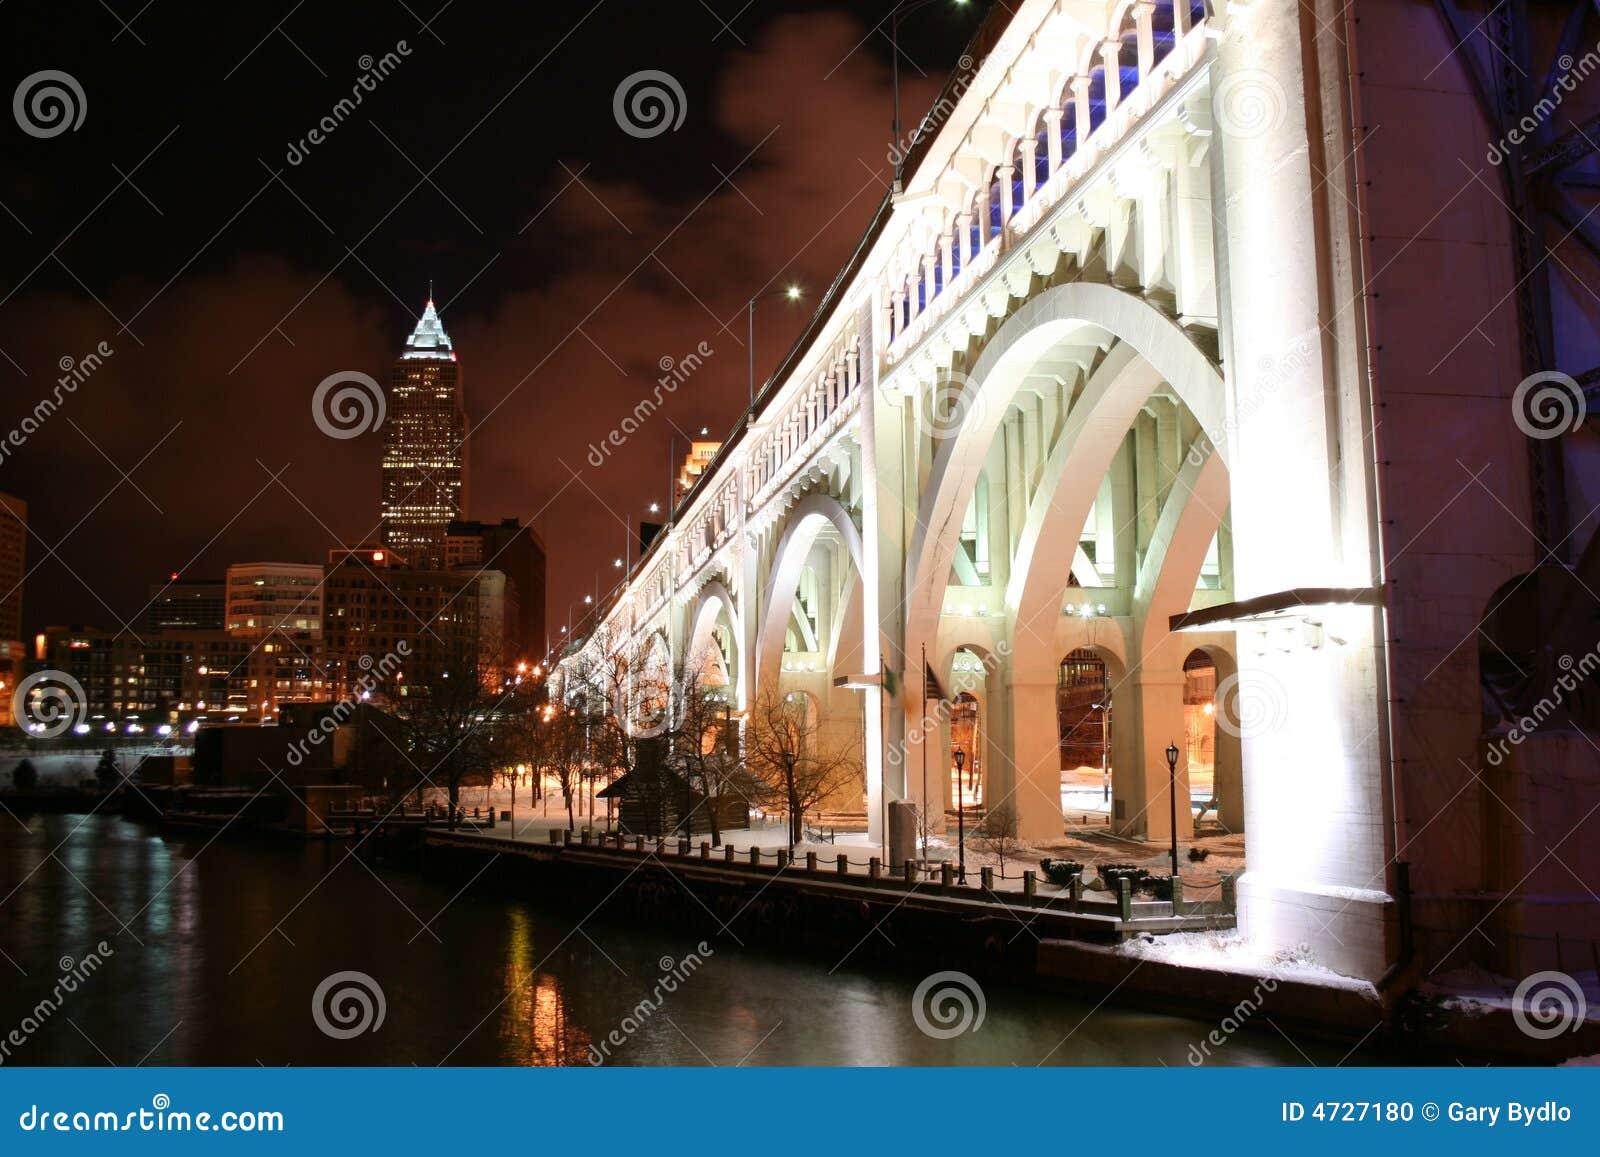 Cleveland Ohio At Night